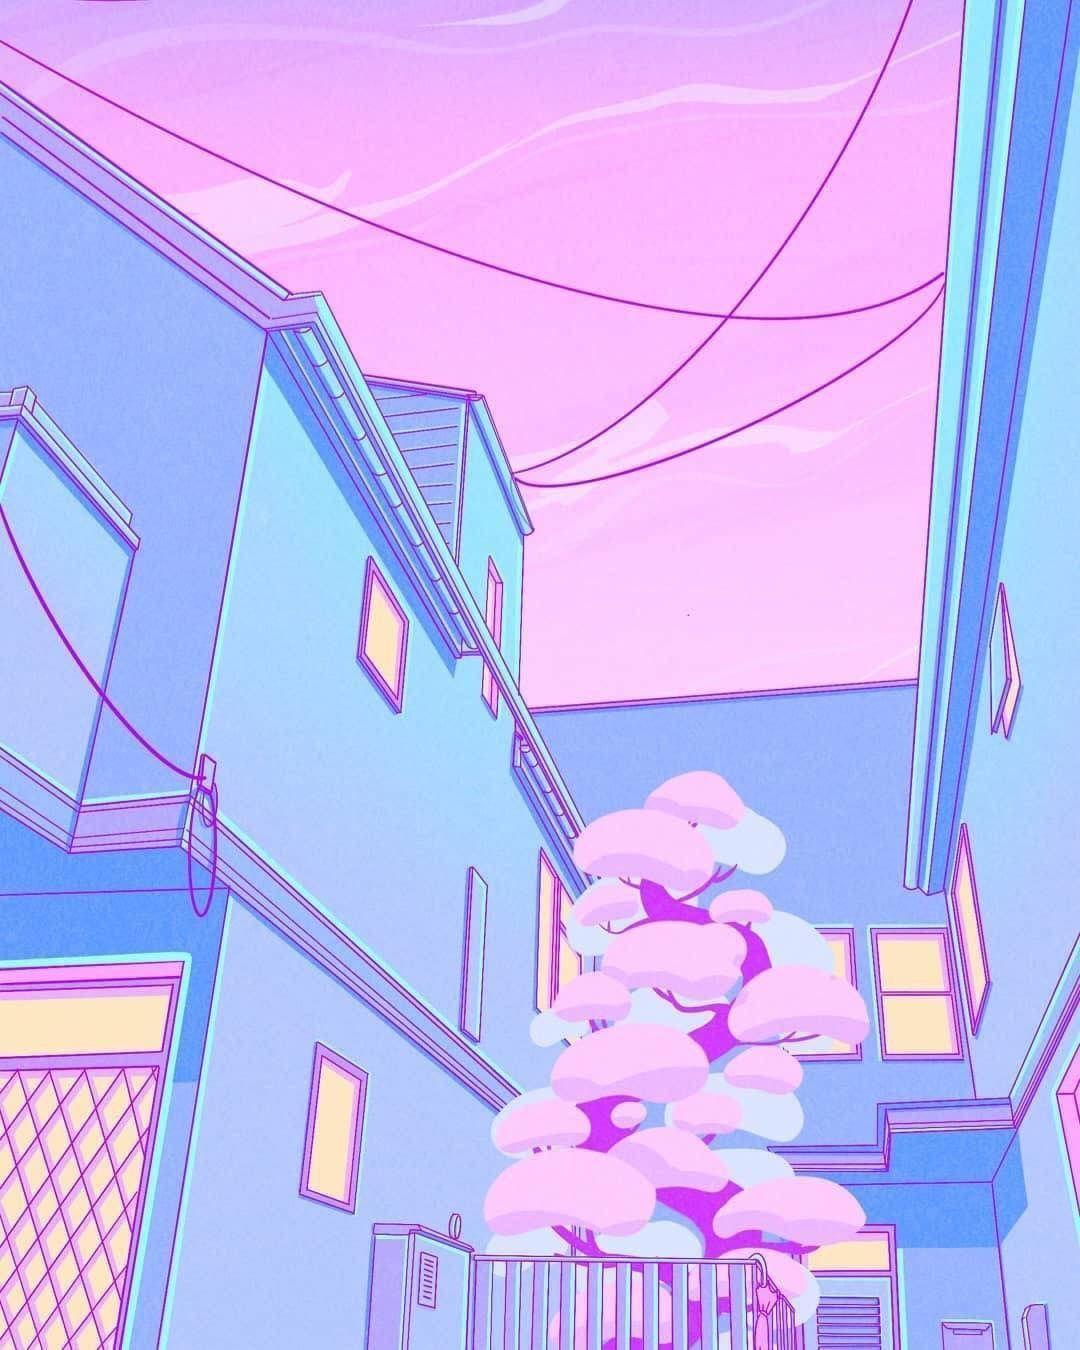 Ghiblistudio 1080x1350.  Tranh thẩm mỹ, Thẩm mỹ màu phấn, Giấy dán tường màu phấn thẩm mỹ